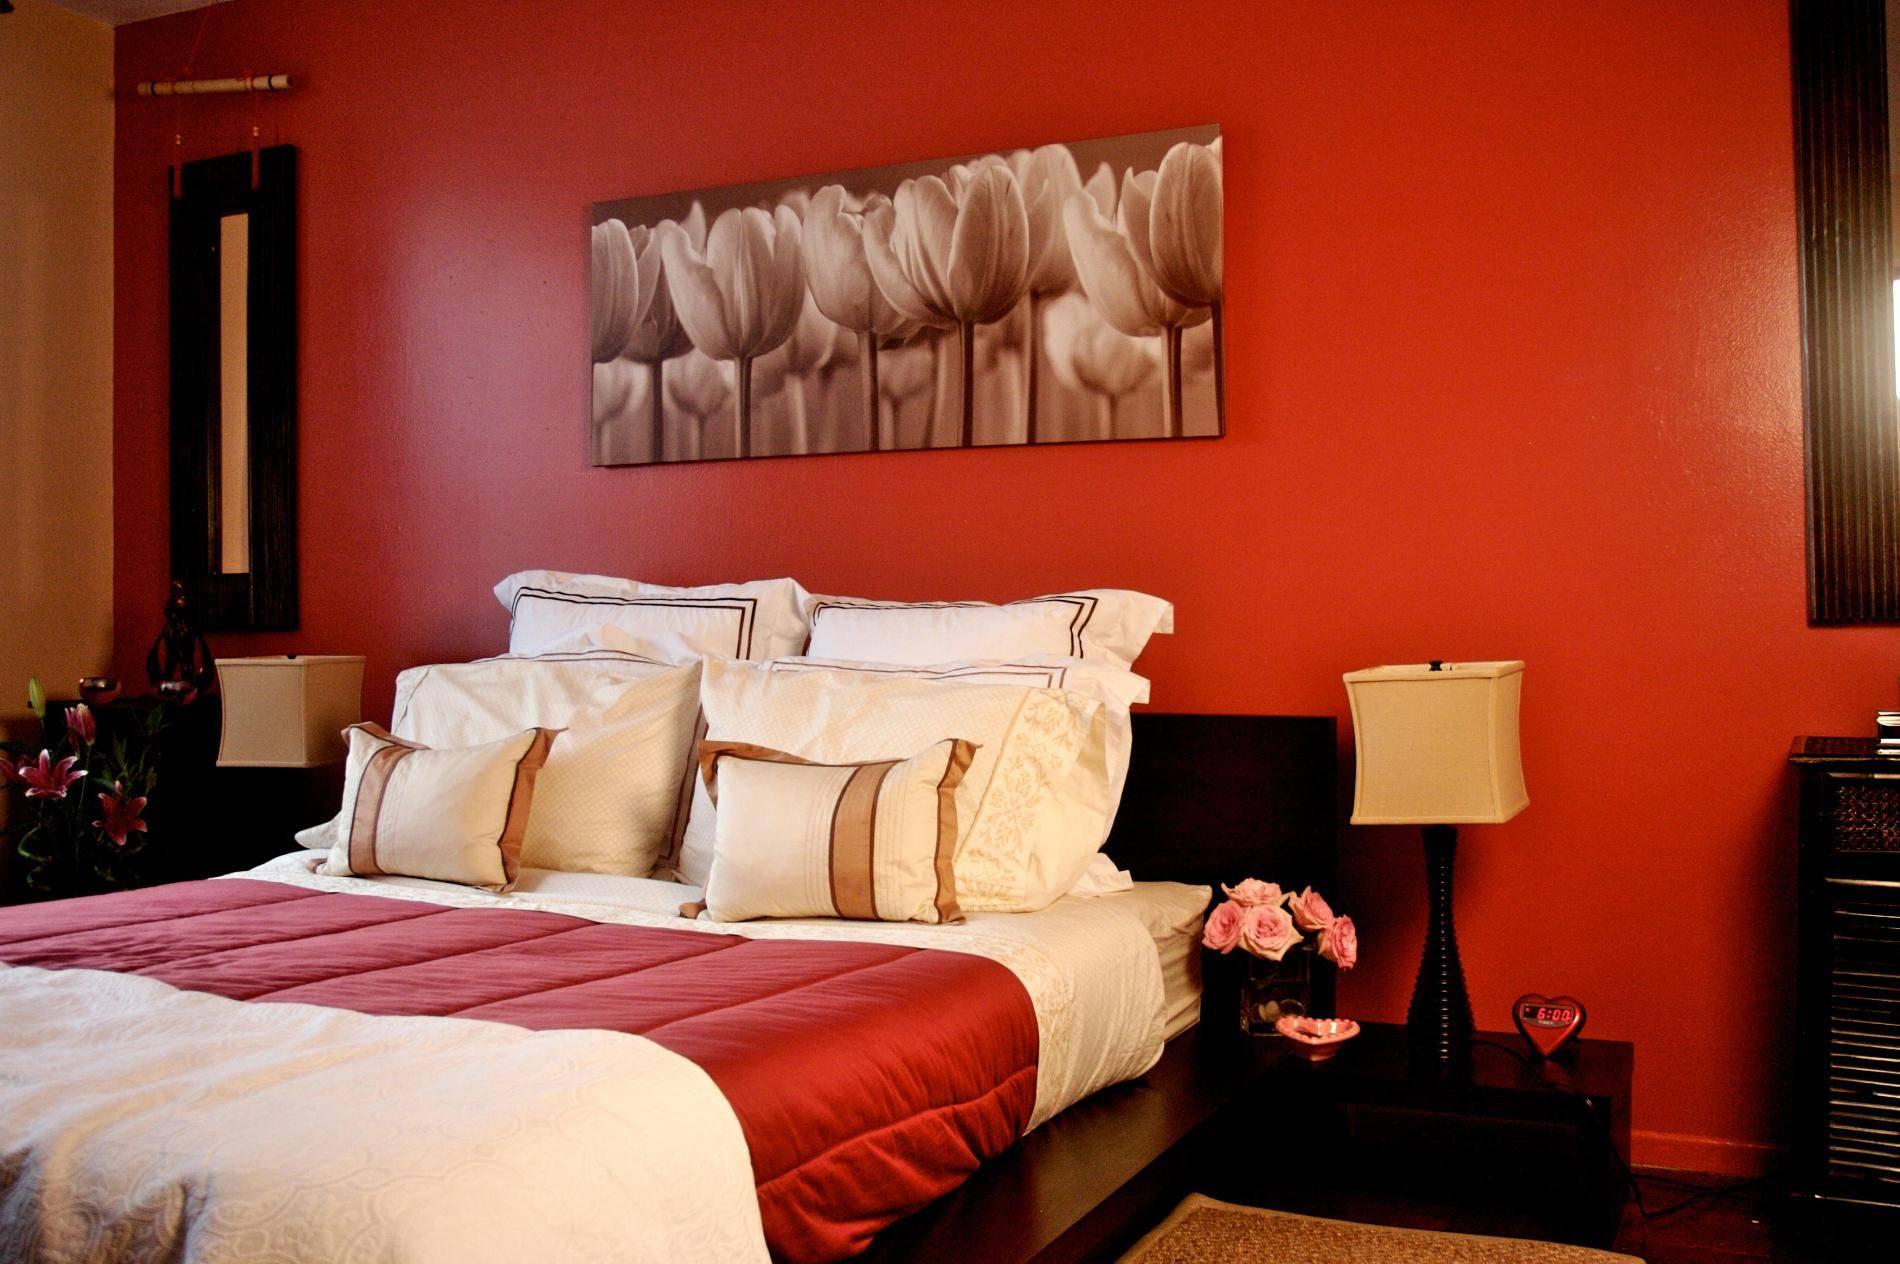 Спальня с красной стеной и акцентом на постельном белье